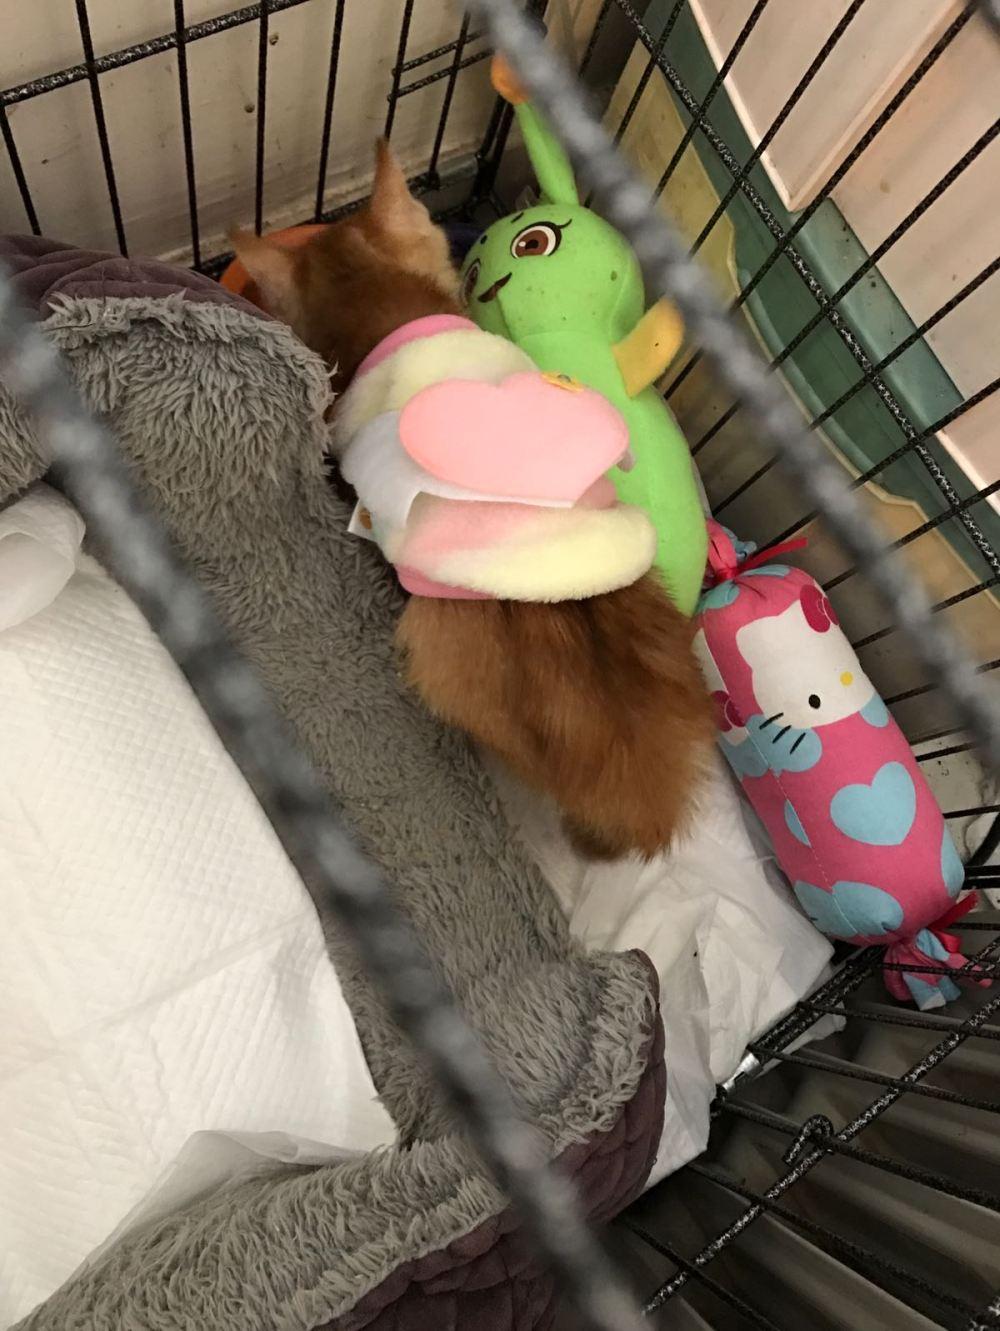 貓貓現在已痊癒,由暫託主人照顧。 相片由ROSA提供